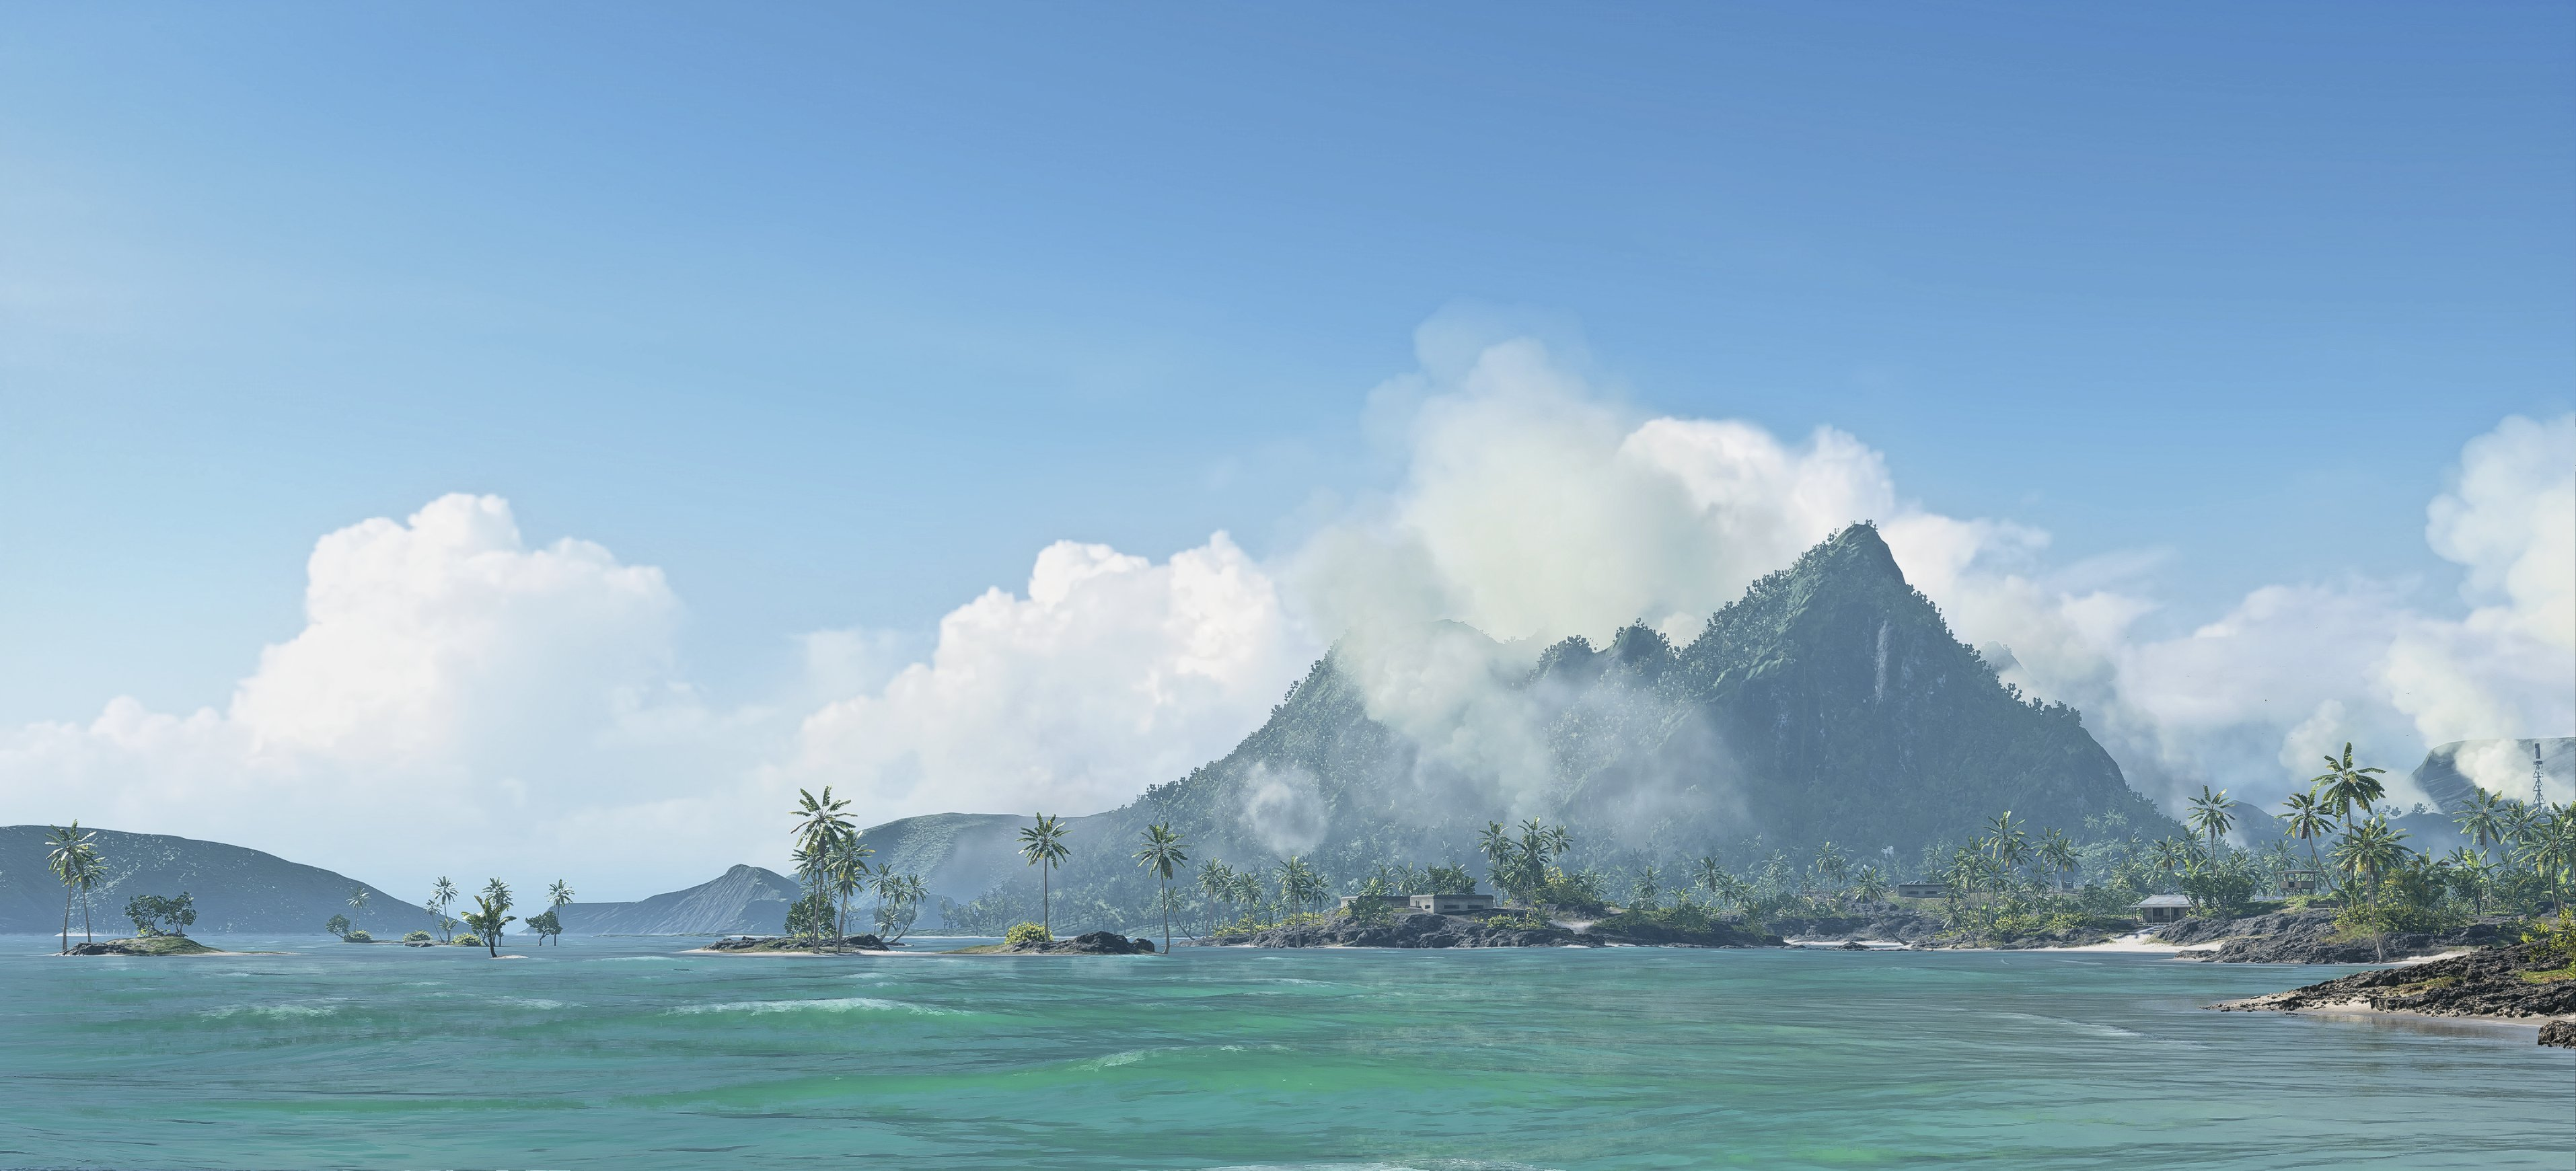 《战地5》第二年版本正式公布 Origin售价约421元